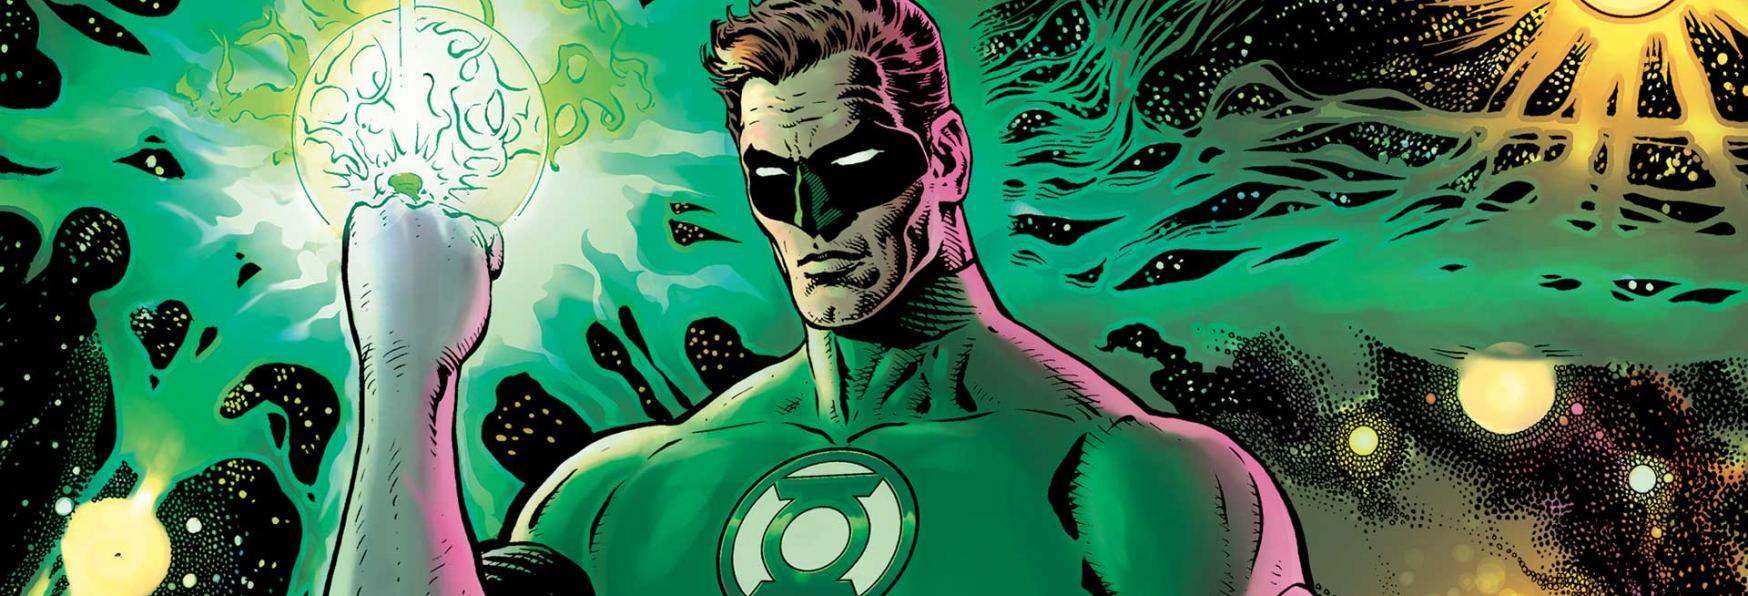 Green Lantern: Sinestro comparirà nella nuova Serie TV targata HBO Max